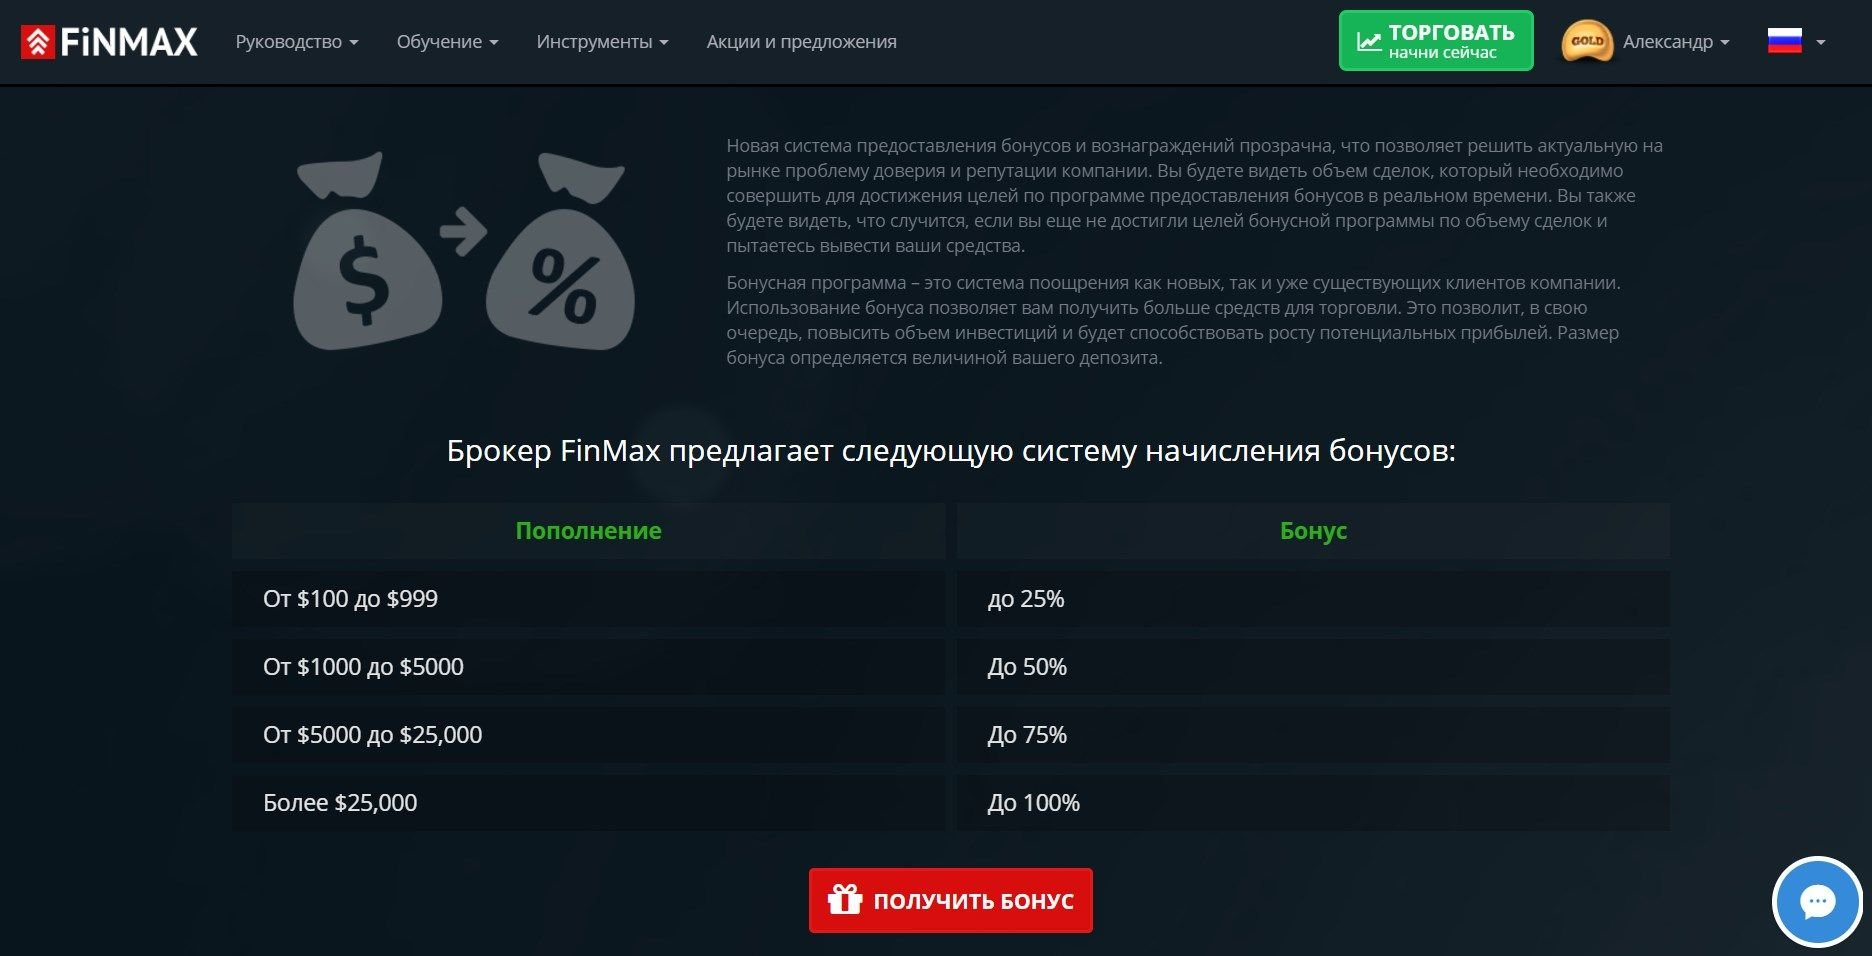 Выгодные бонусы официального сайта FiNMAX